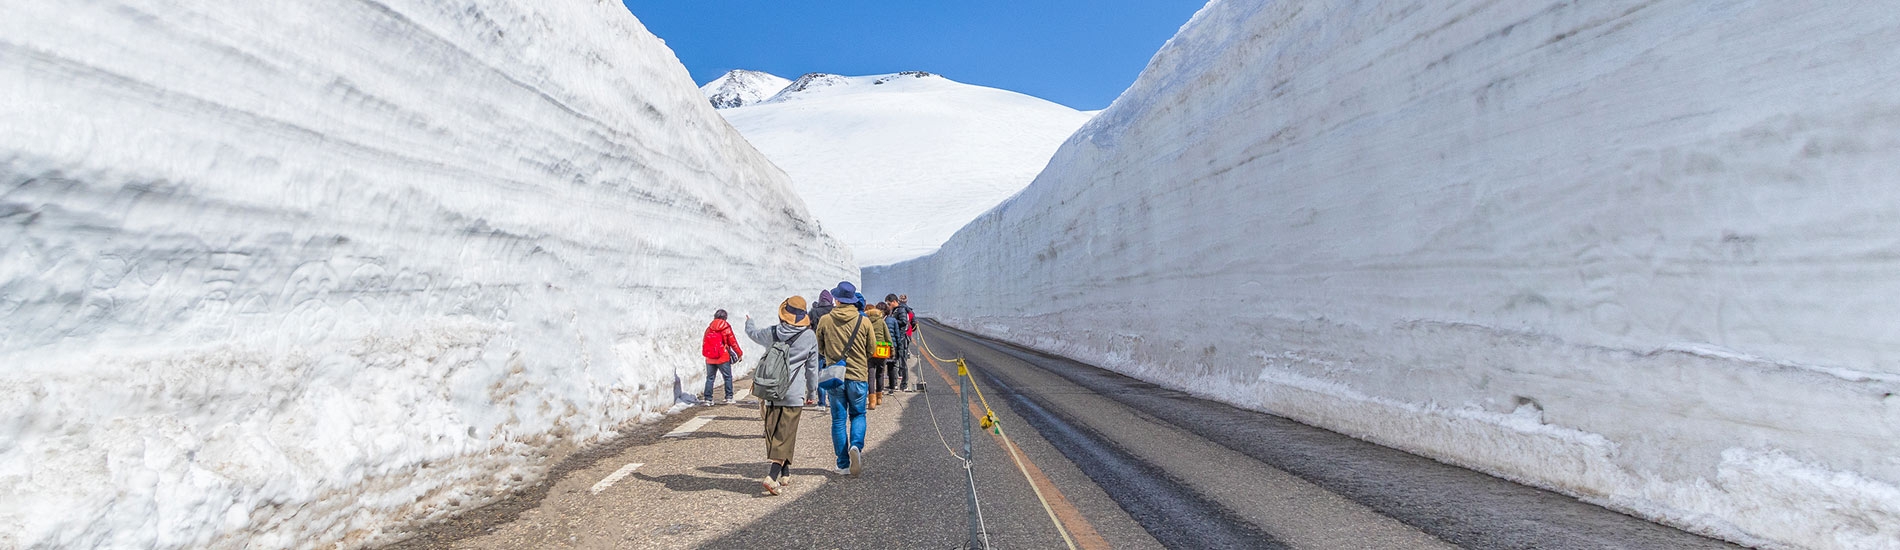 立山黑部雪壁